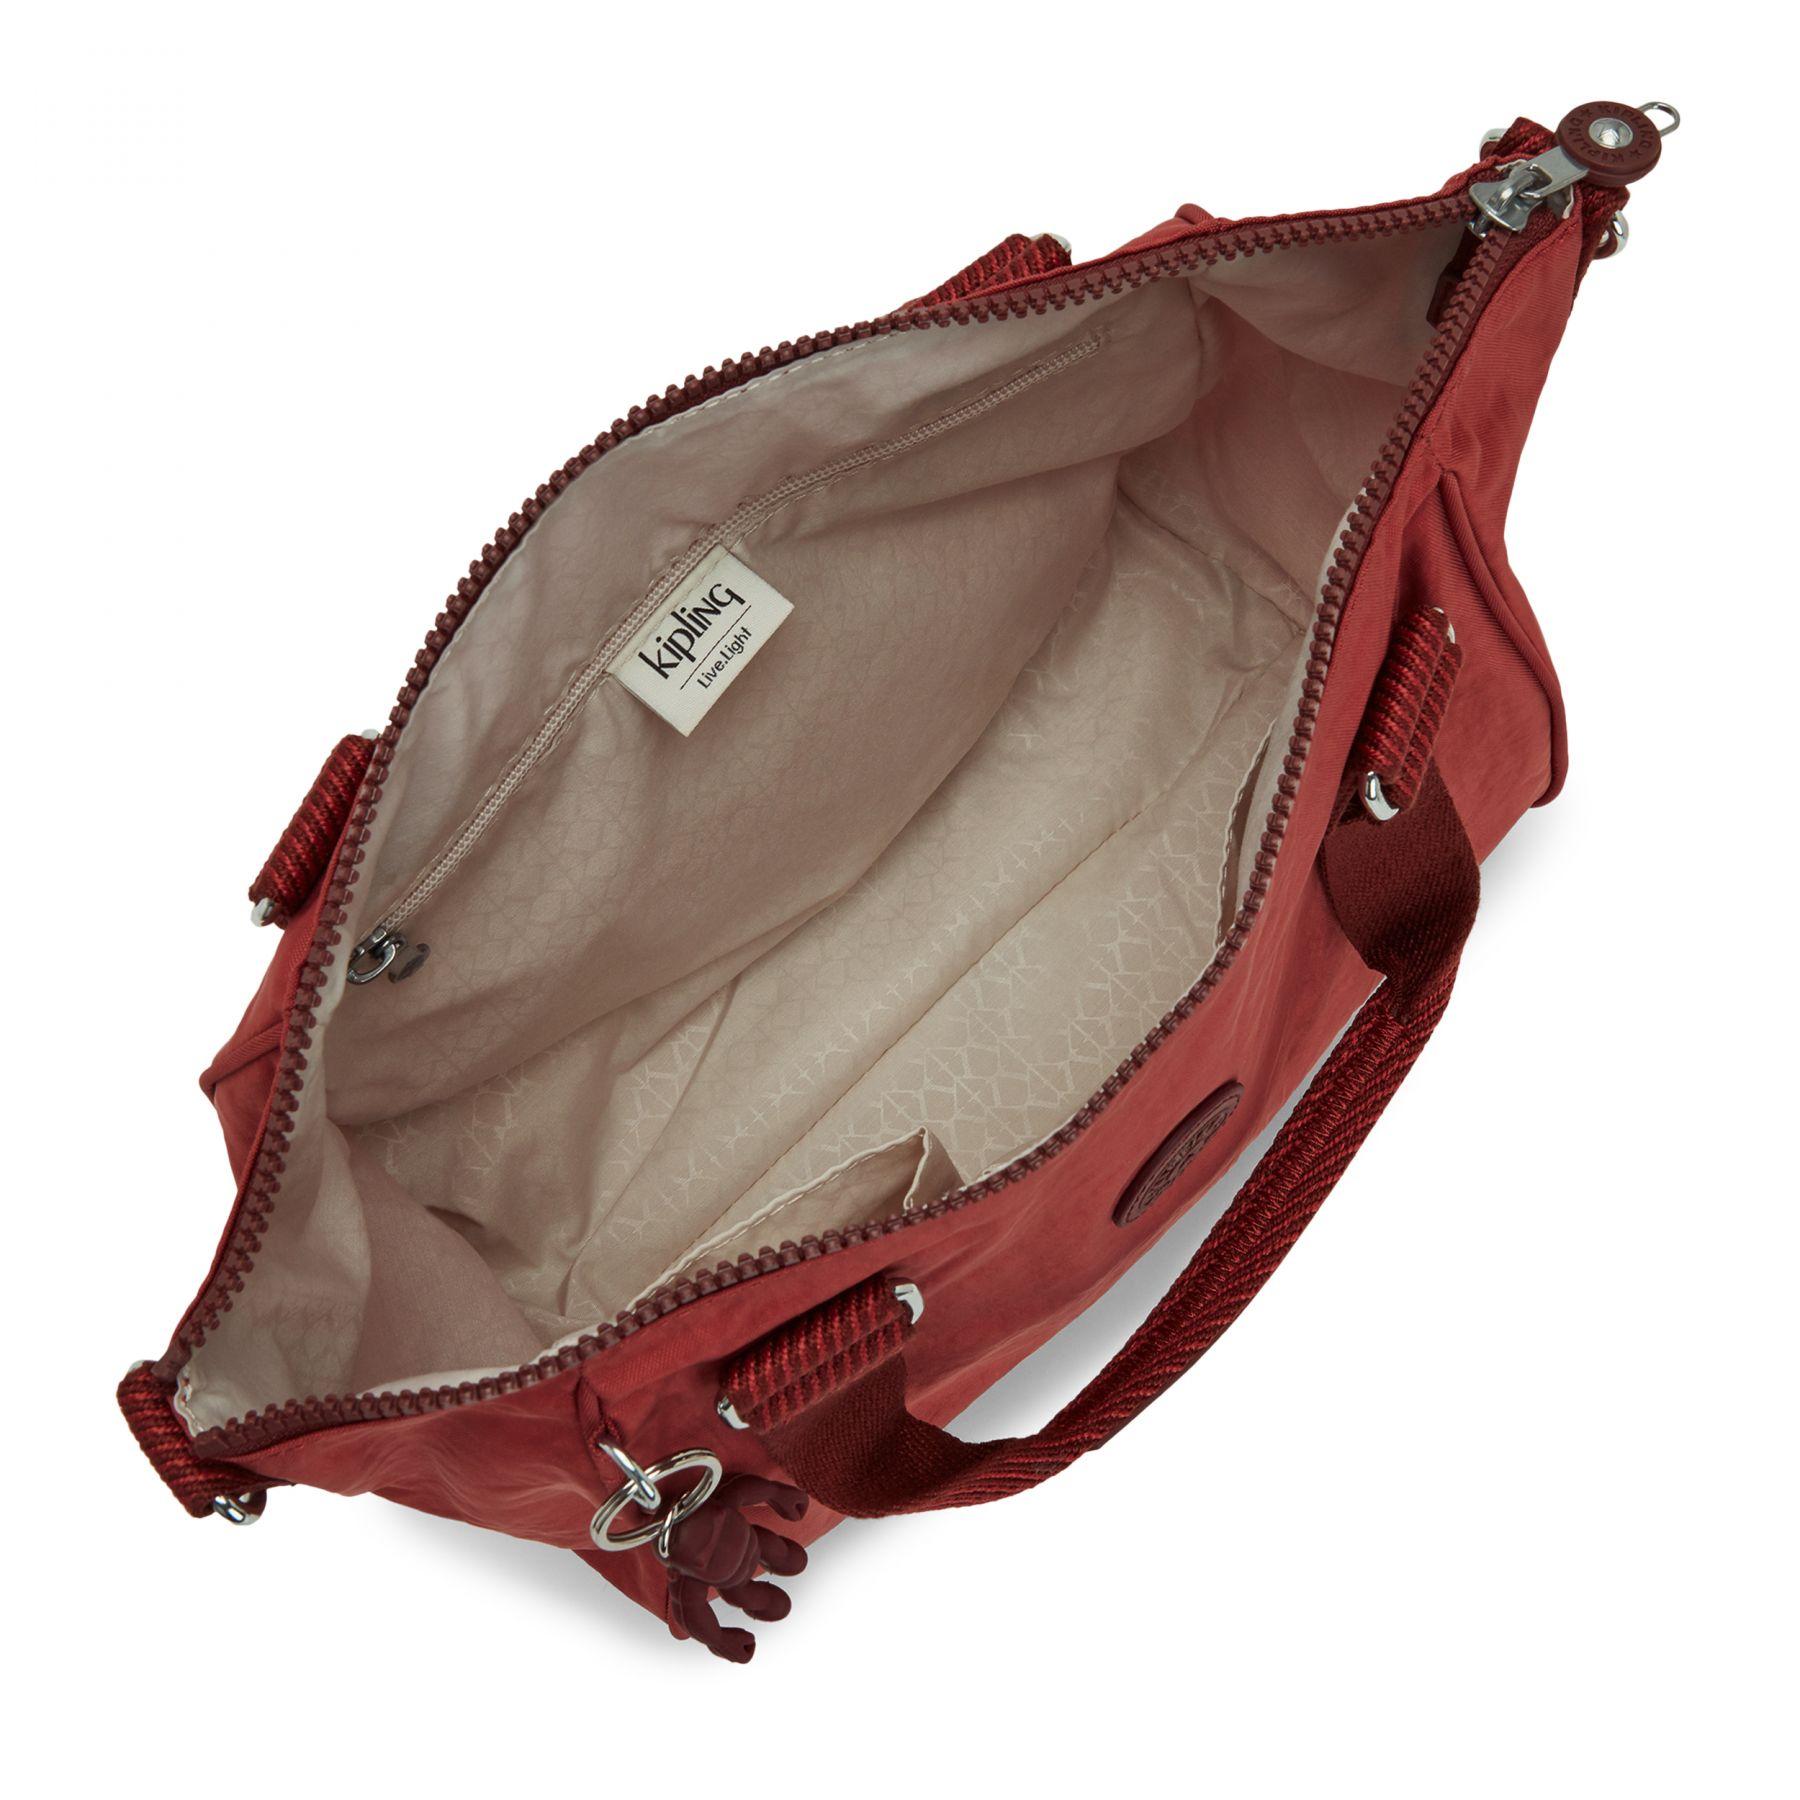 AMIEL BAGS by Kipling - Inside view